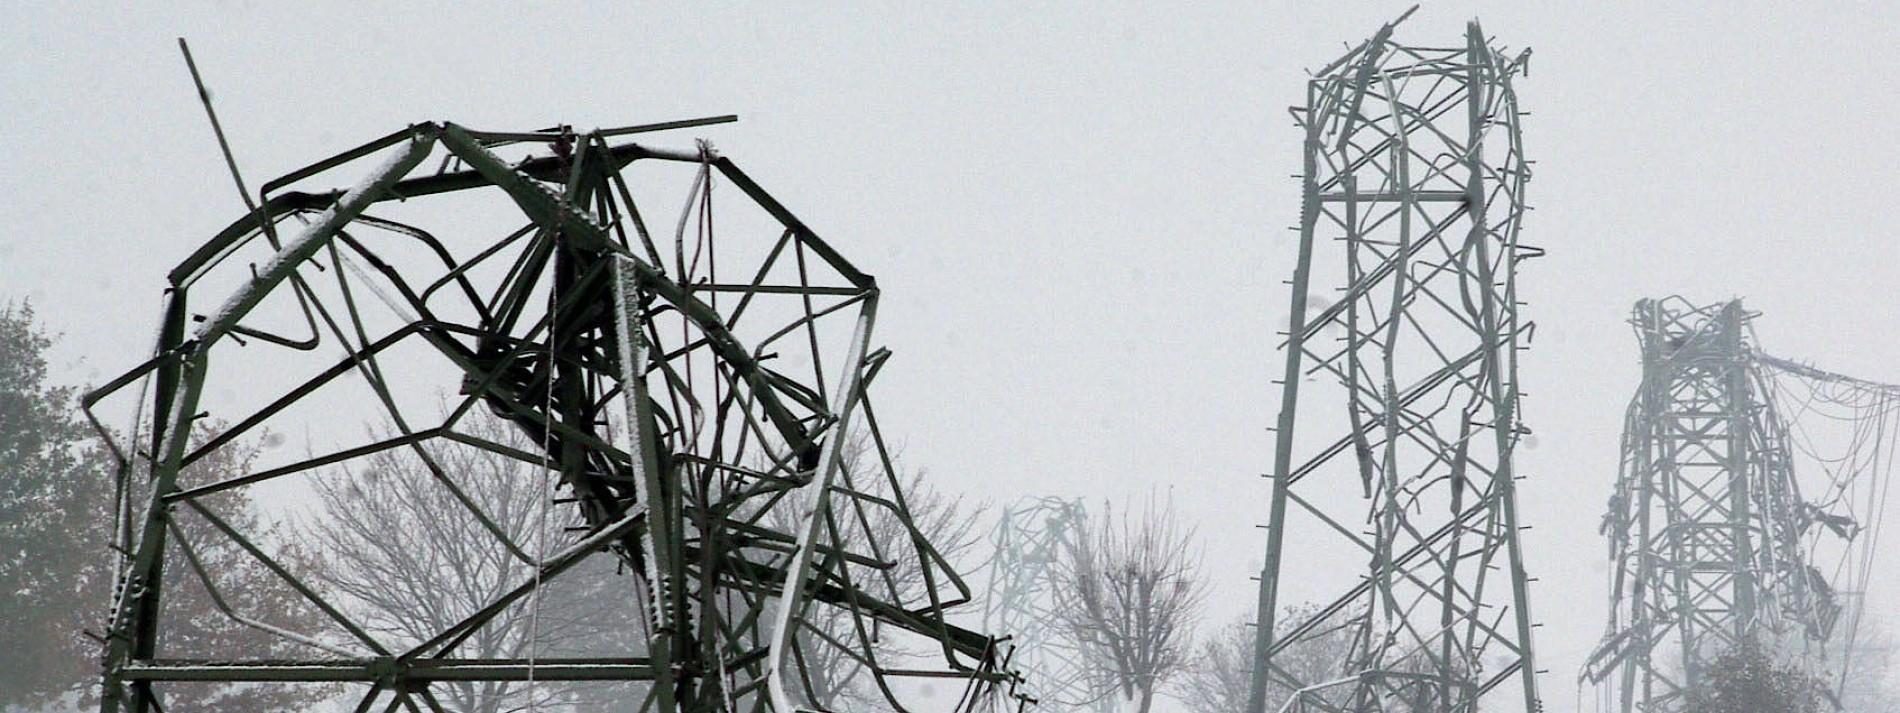 """""""Stillstand innerhalb weniger Stunden bei Stromausfall"""""""